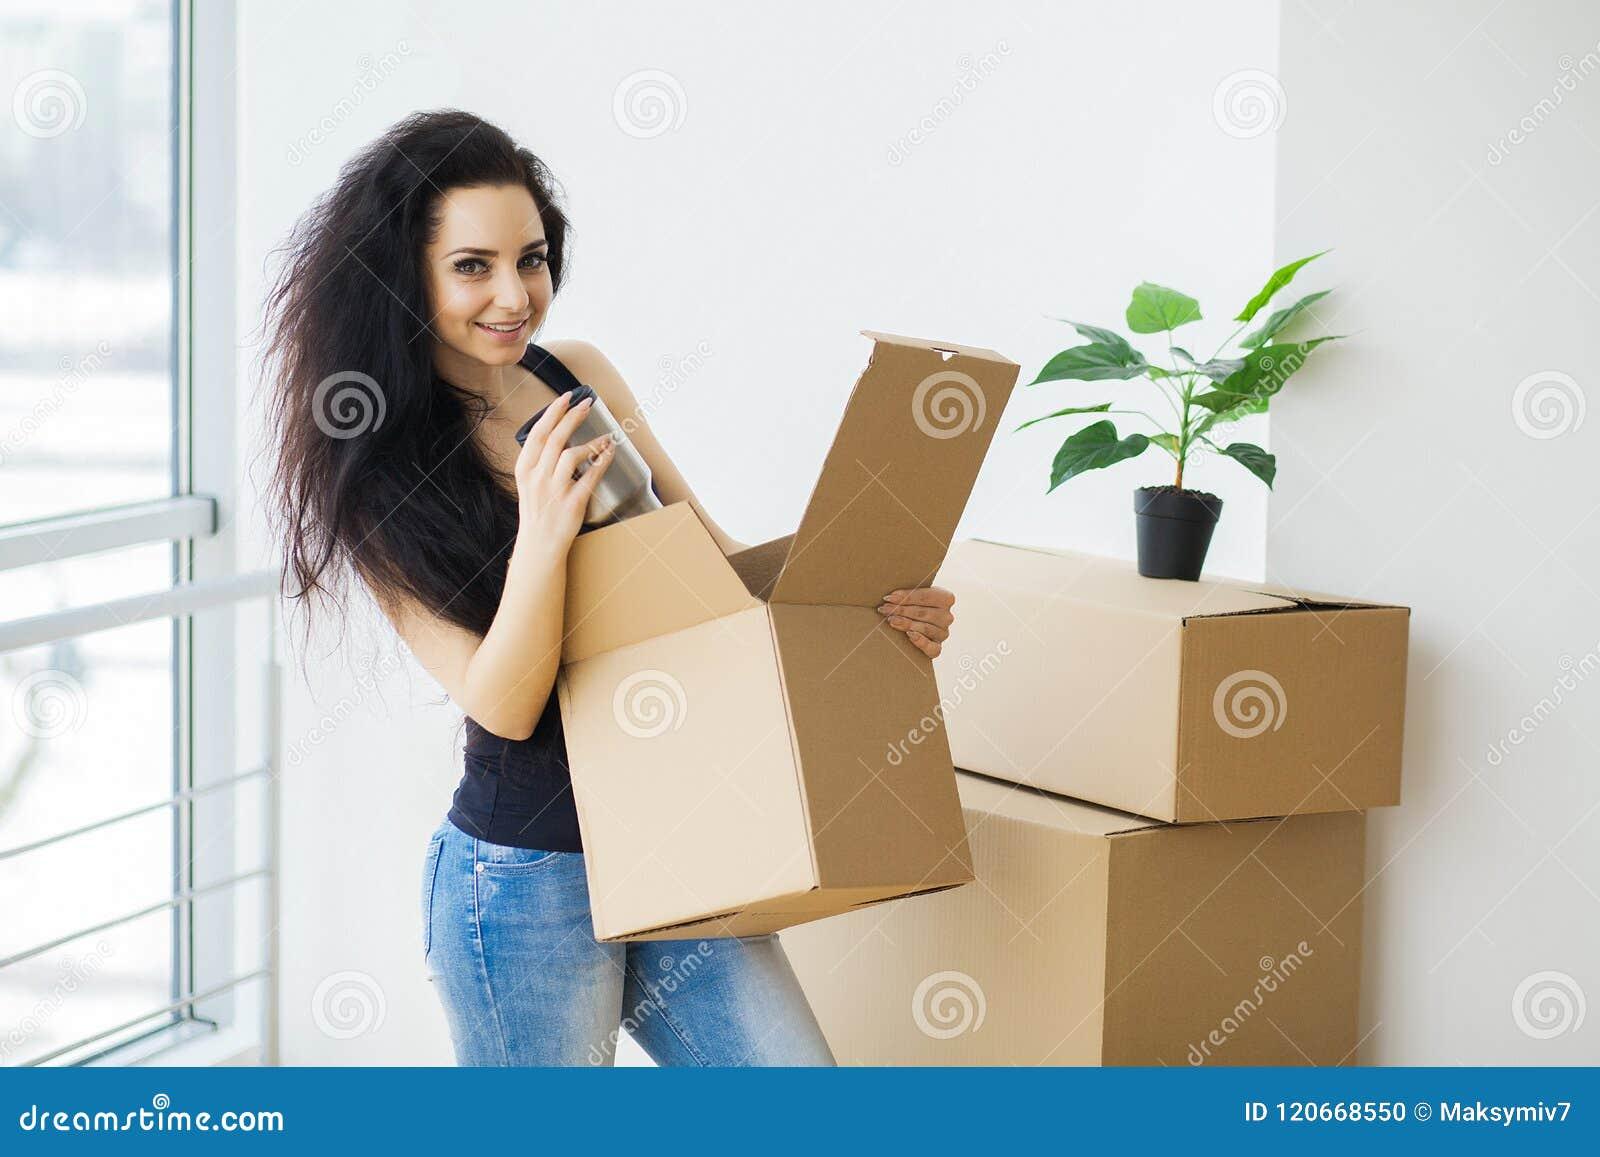 Νέο κουτί από χαρτόνι μείωσης γυναικών βασική κίνηση νέα